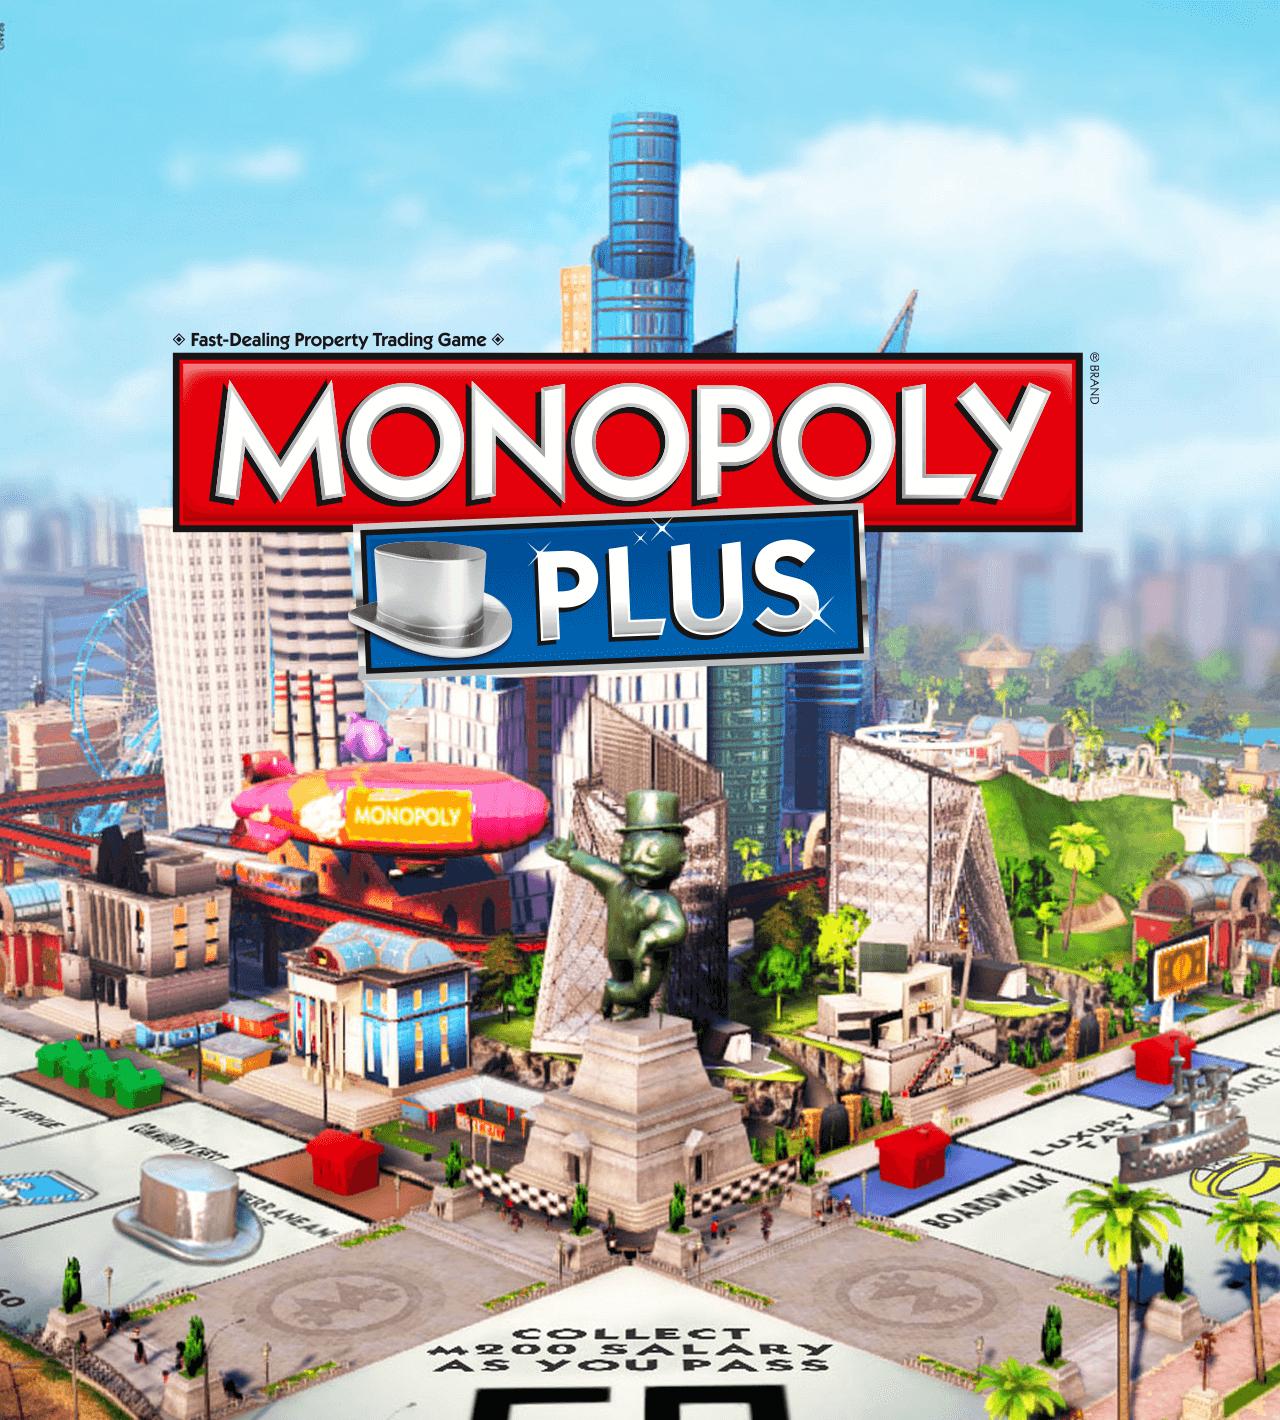 Monopoly Plus (Ubisoft Connect Key) £2.63 @ Fanatical